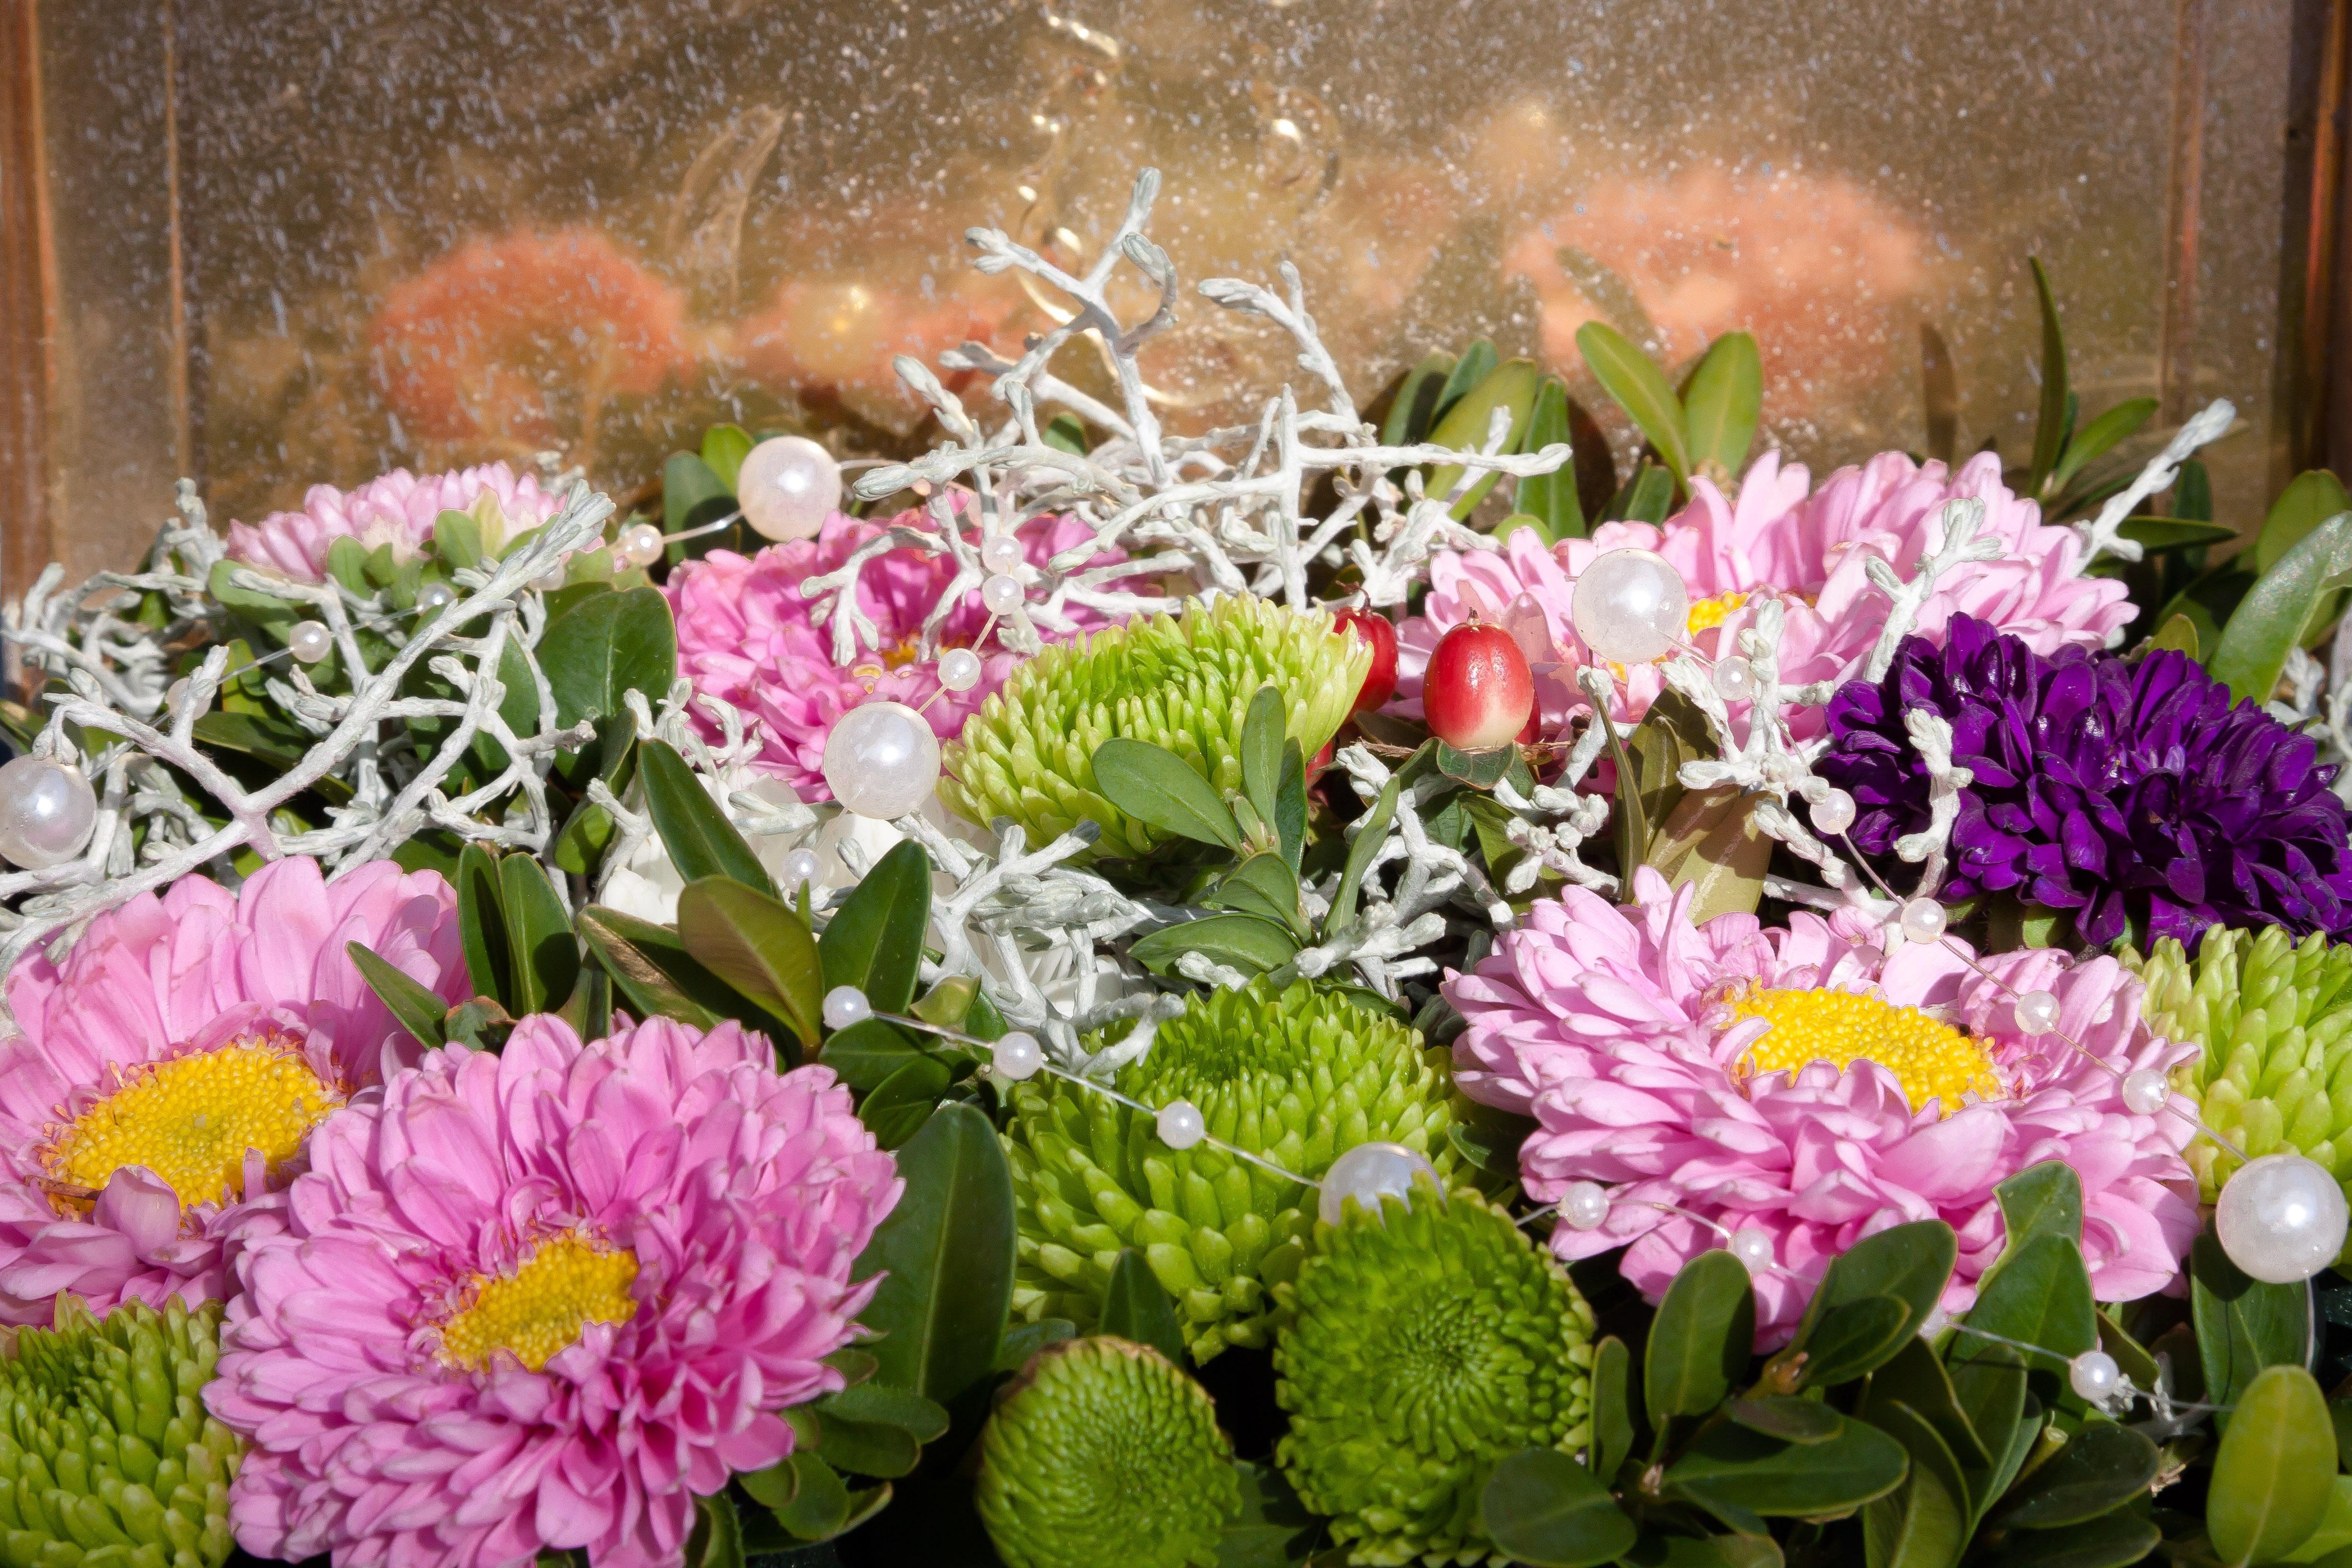 Free Images Green Pink Flora Arrangement Violet Floristry